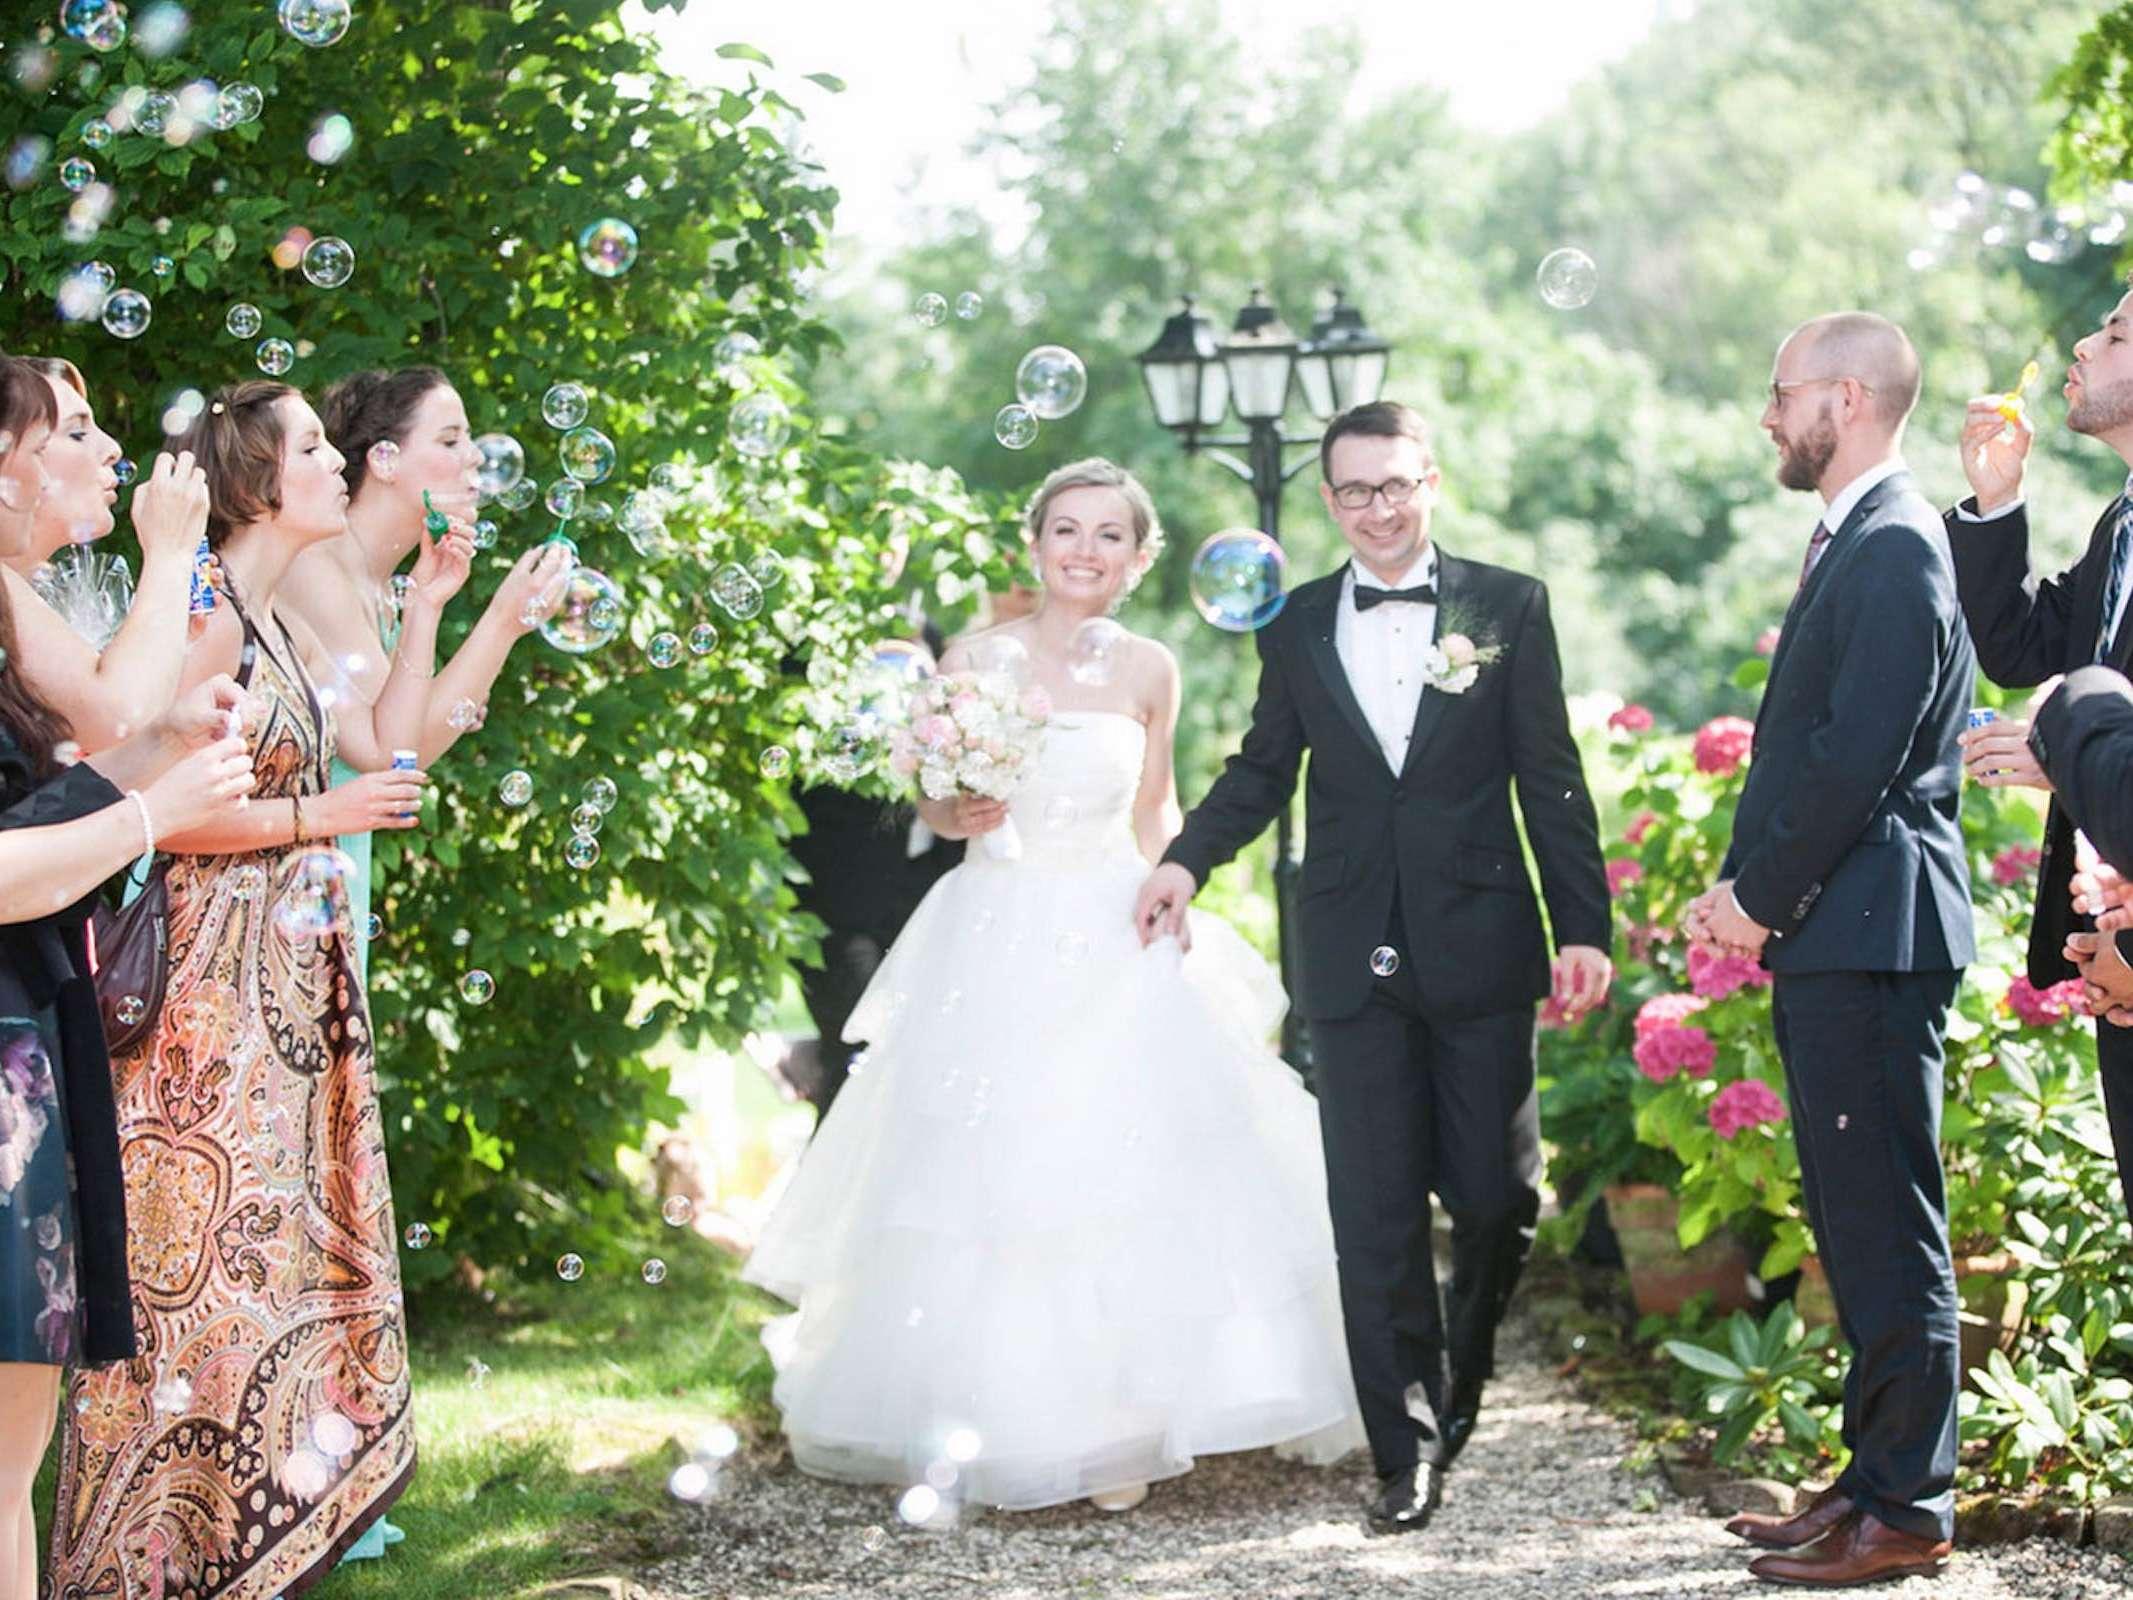 Hochzeitsfotograf | Peine | Hannover | Celle | Hameln | Fotograf | Braunschweig Hochzeit | Hochzeitsfotografie | Hochzeitsreportage | Fotografie | Mieten | Buchen | Lehmann | Eventservice